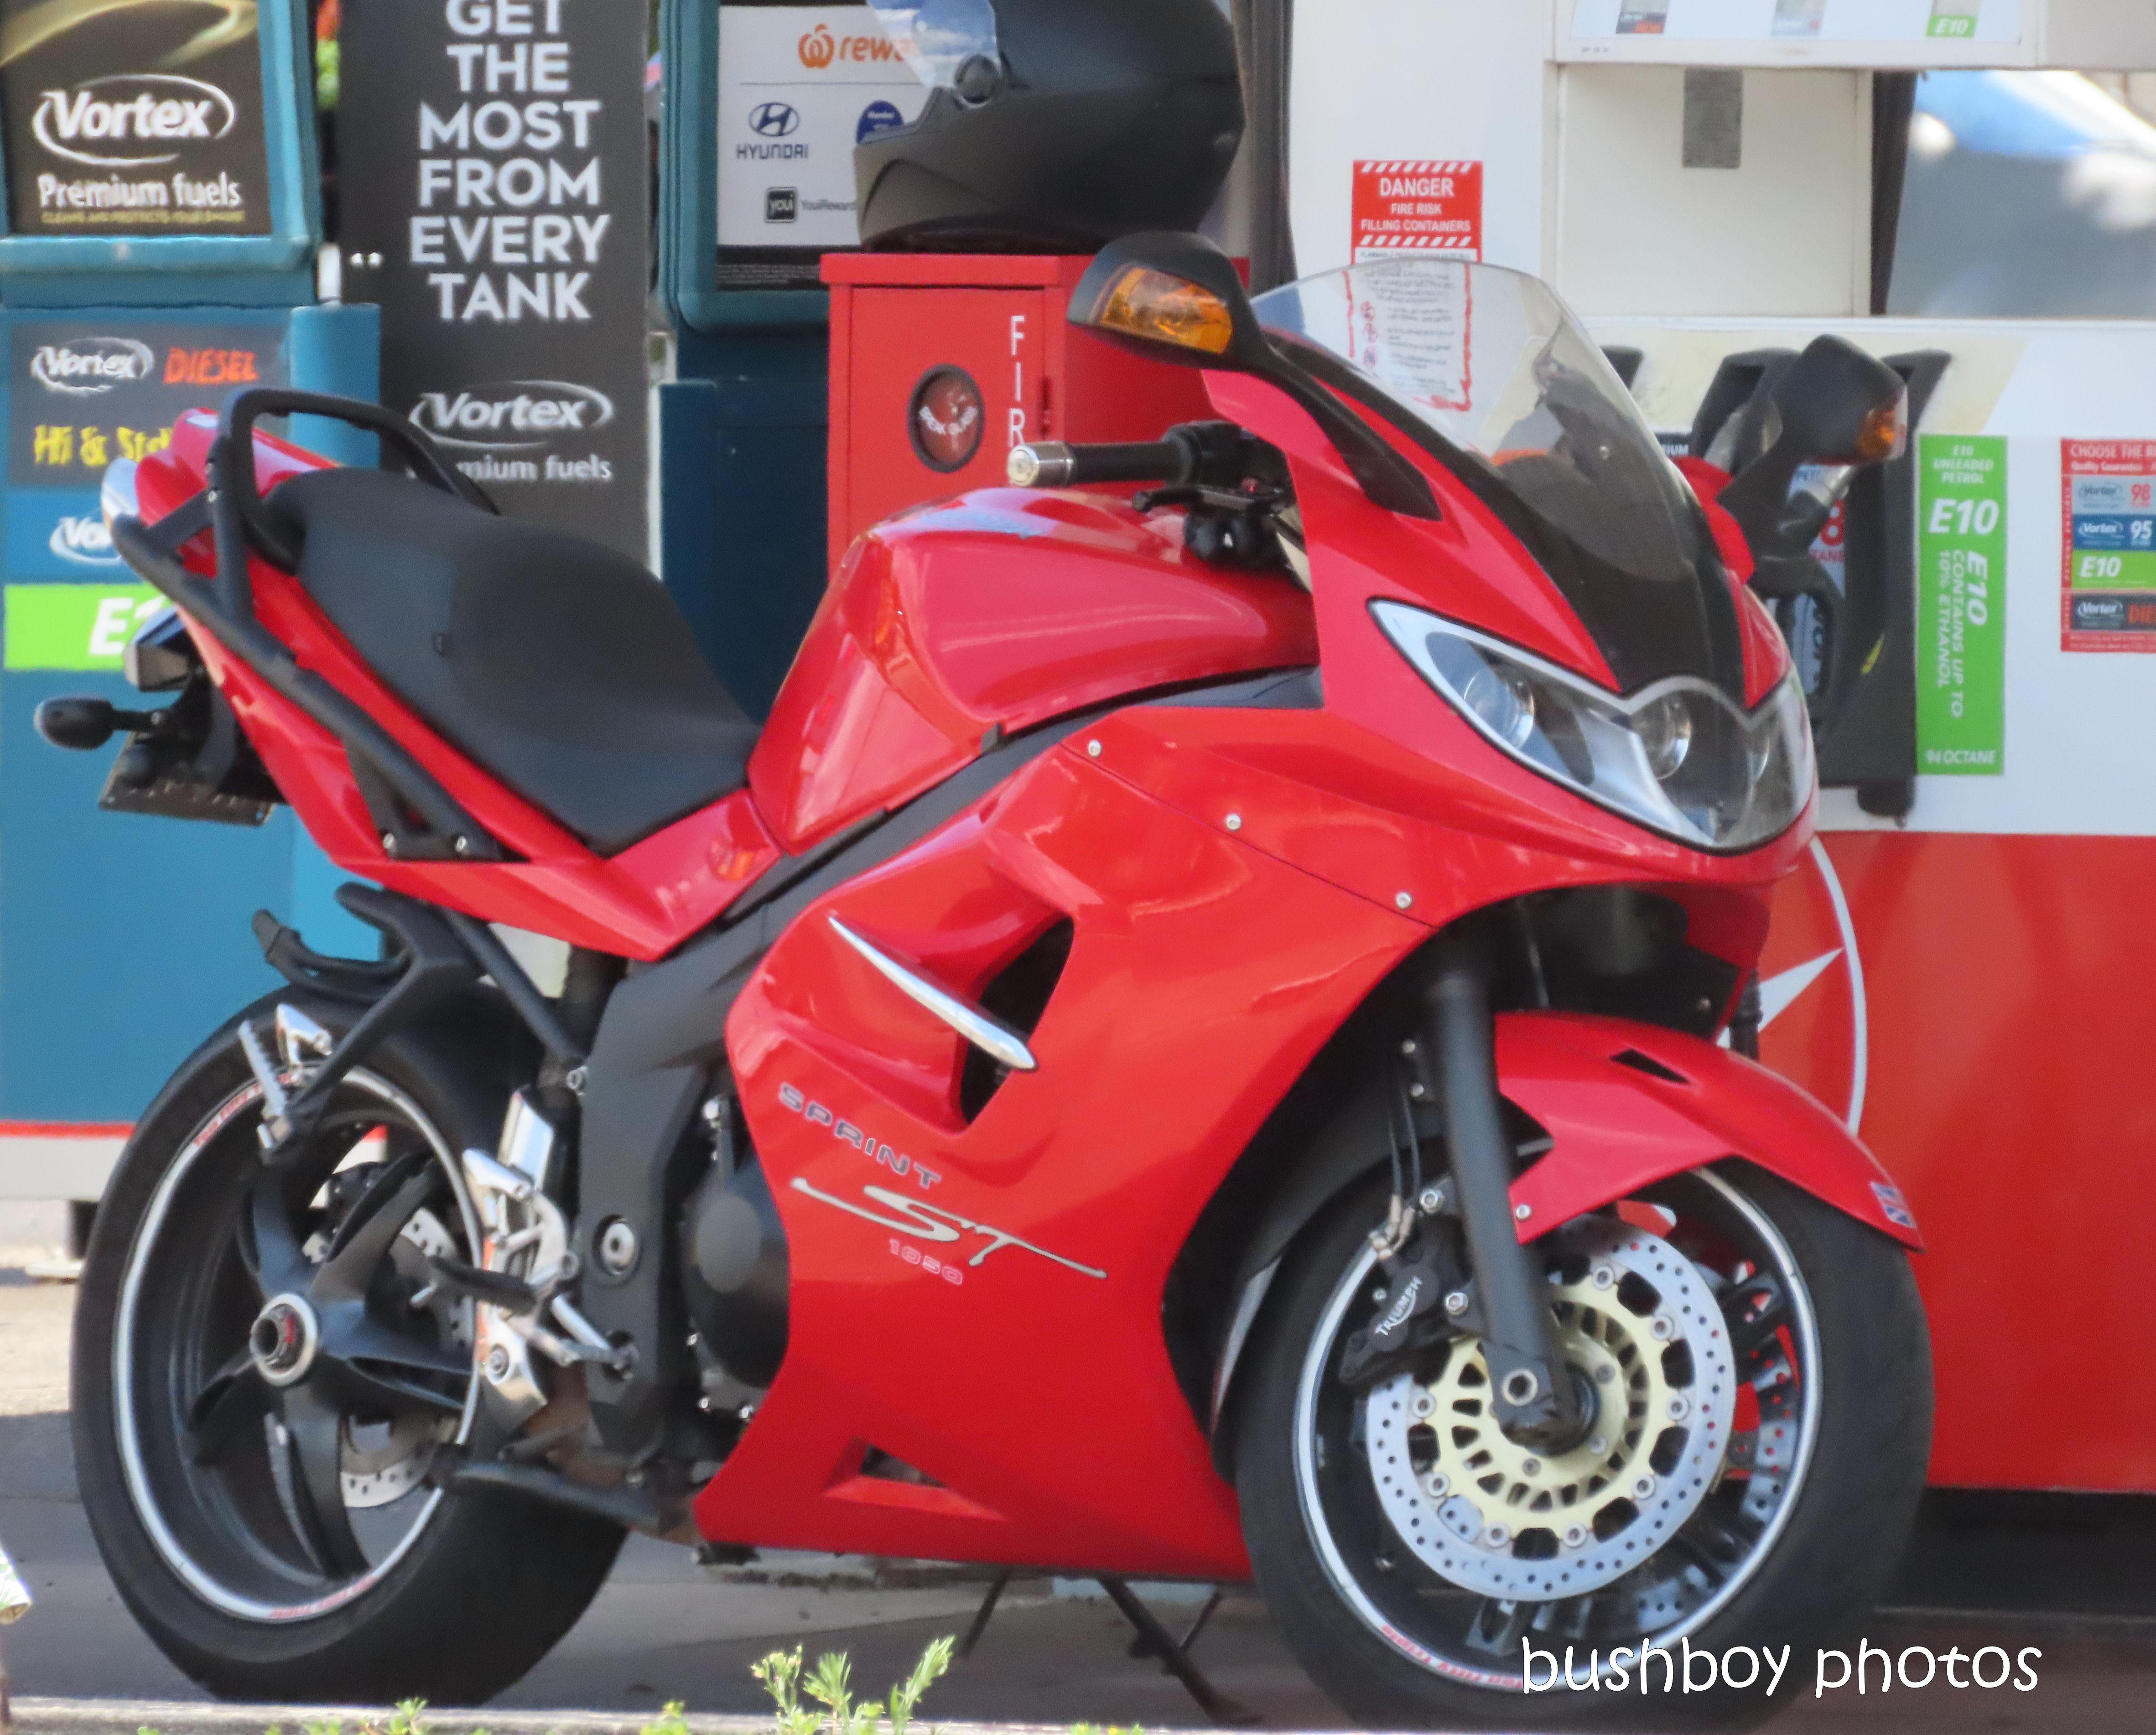 20200127_blog challenge_red_motorbike